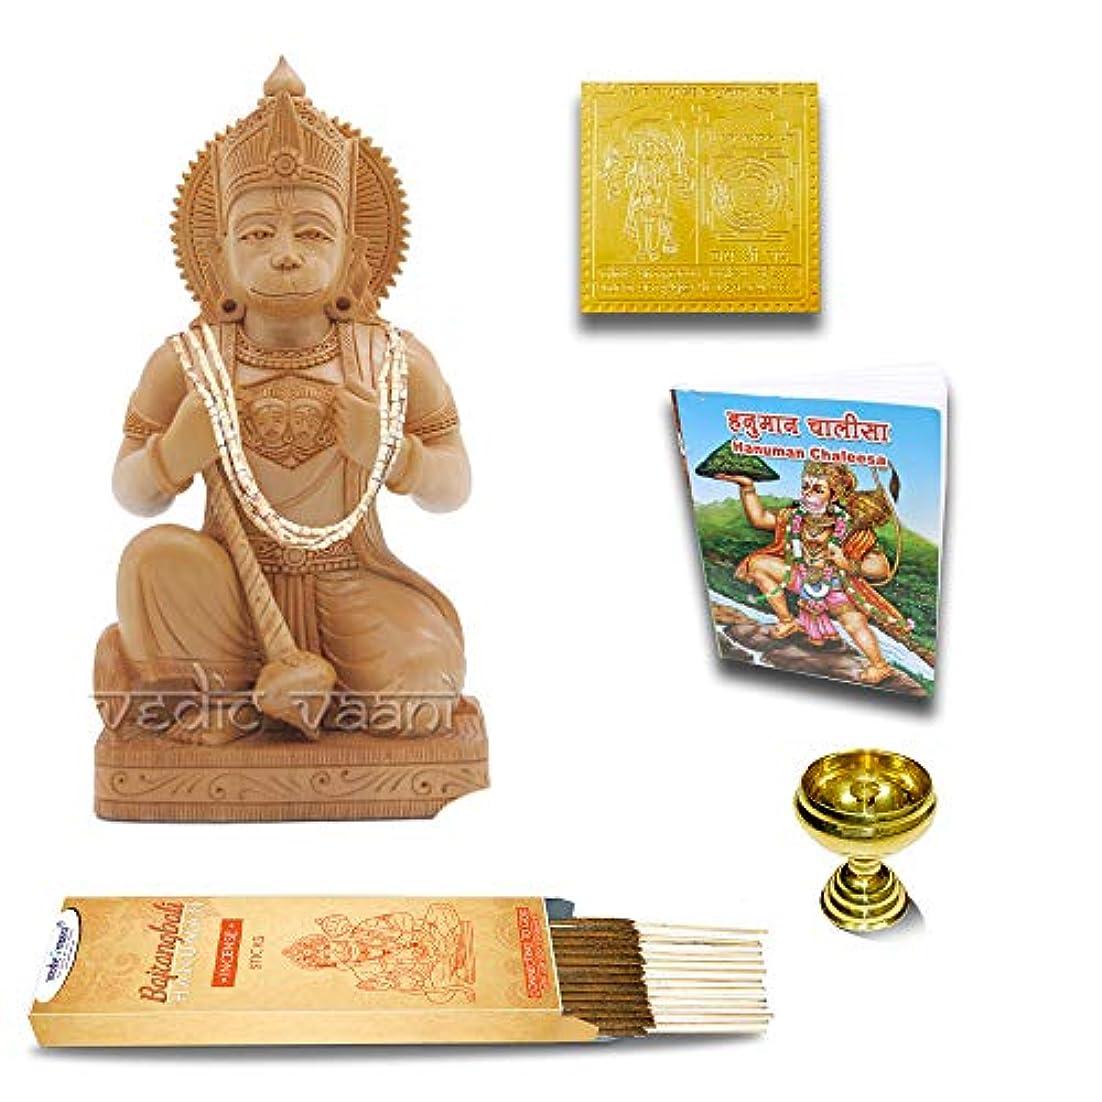 ミリメートル書き出すファセットVedic Vaani Ram Bhakat Hanuman 木製像 ヤントラ チャリサ ディヤ お香スティック付き 100gm